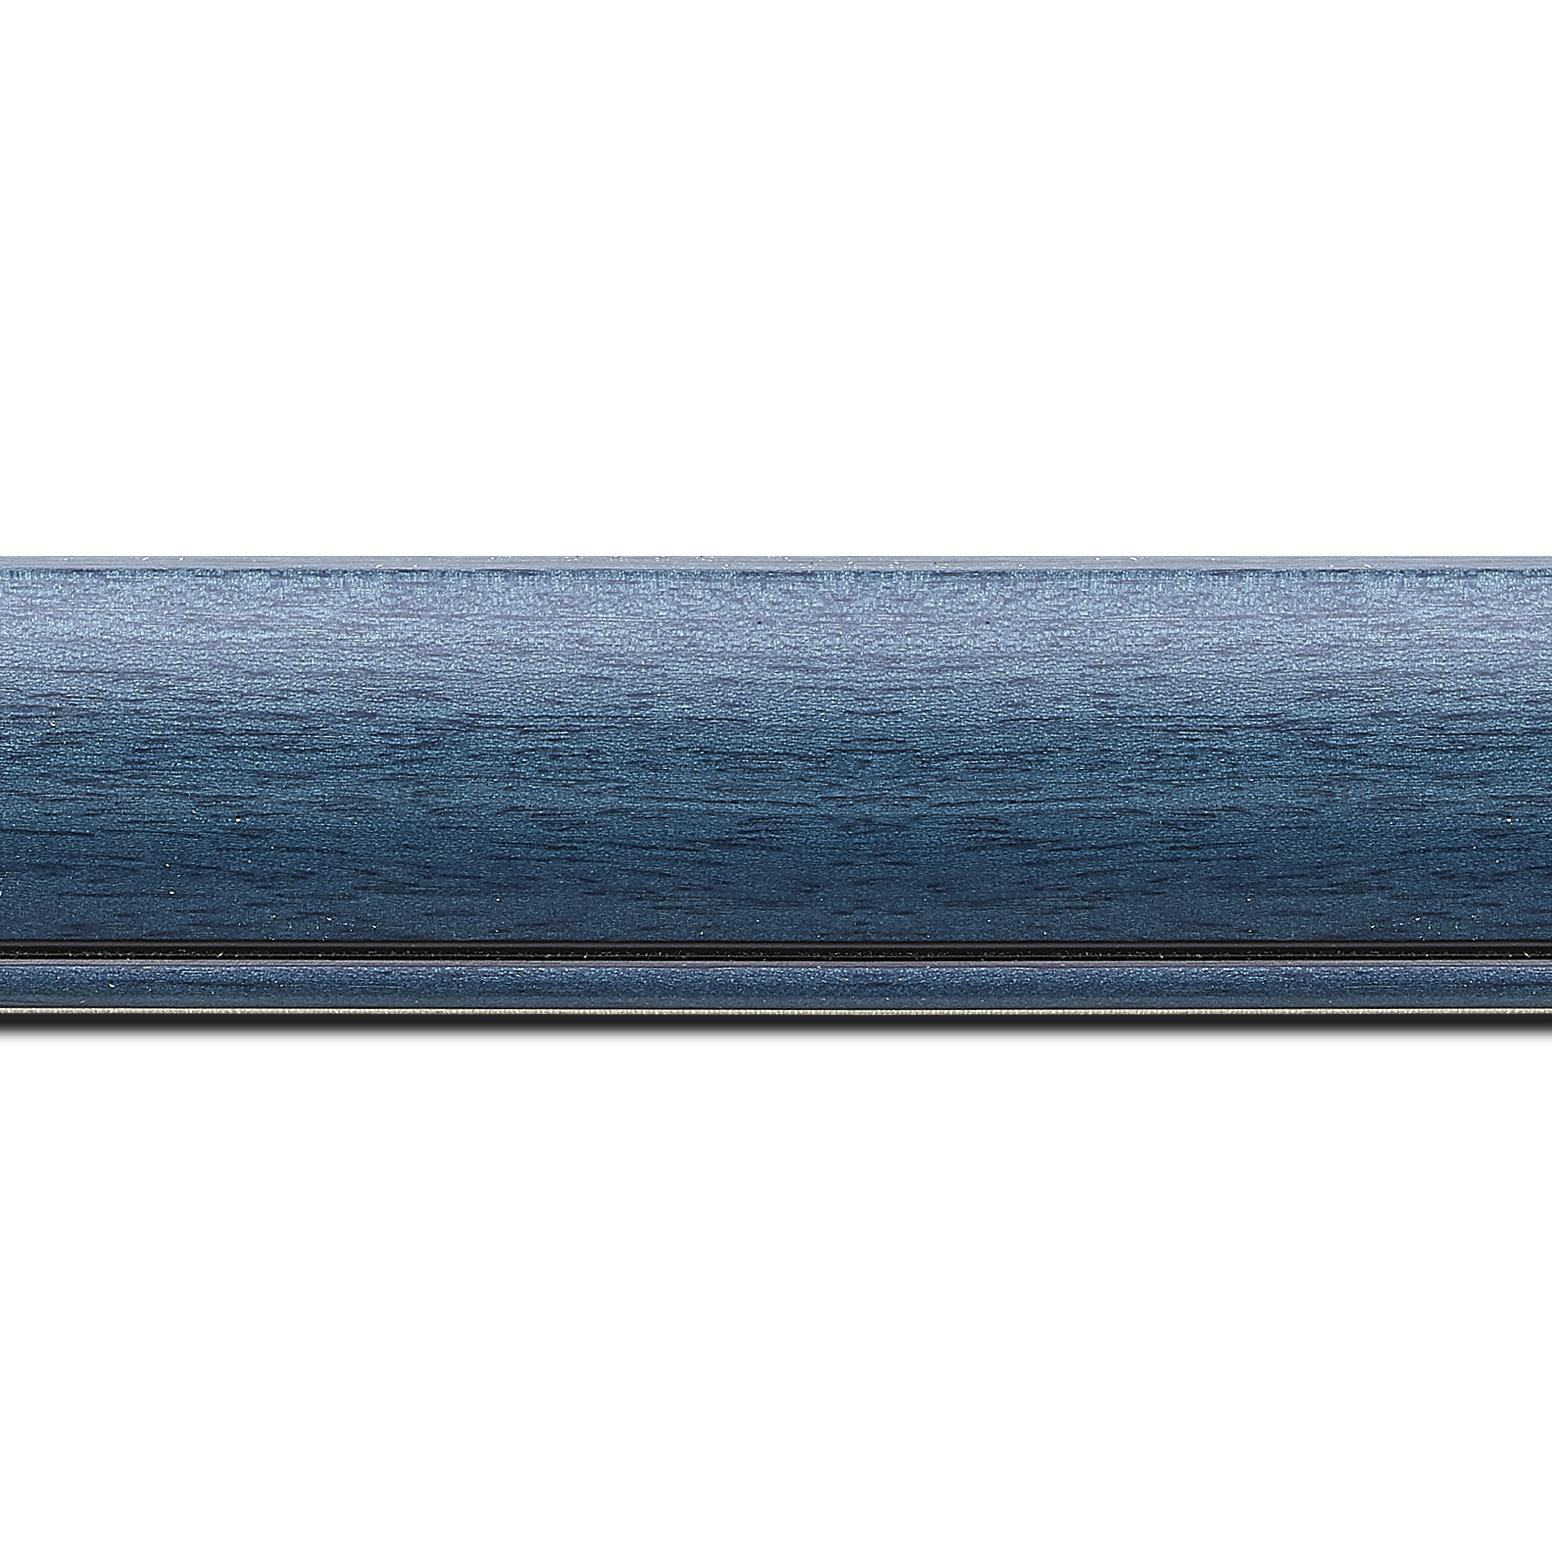 Pack par 12m, bois profil arrondi largeur 4.7cm couleur bleu cobalt satiné rehaussé d'un filet noir(longueur baguette pouvant varier entre 2.40m et 3m selon arrivage des bois)